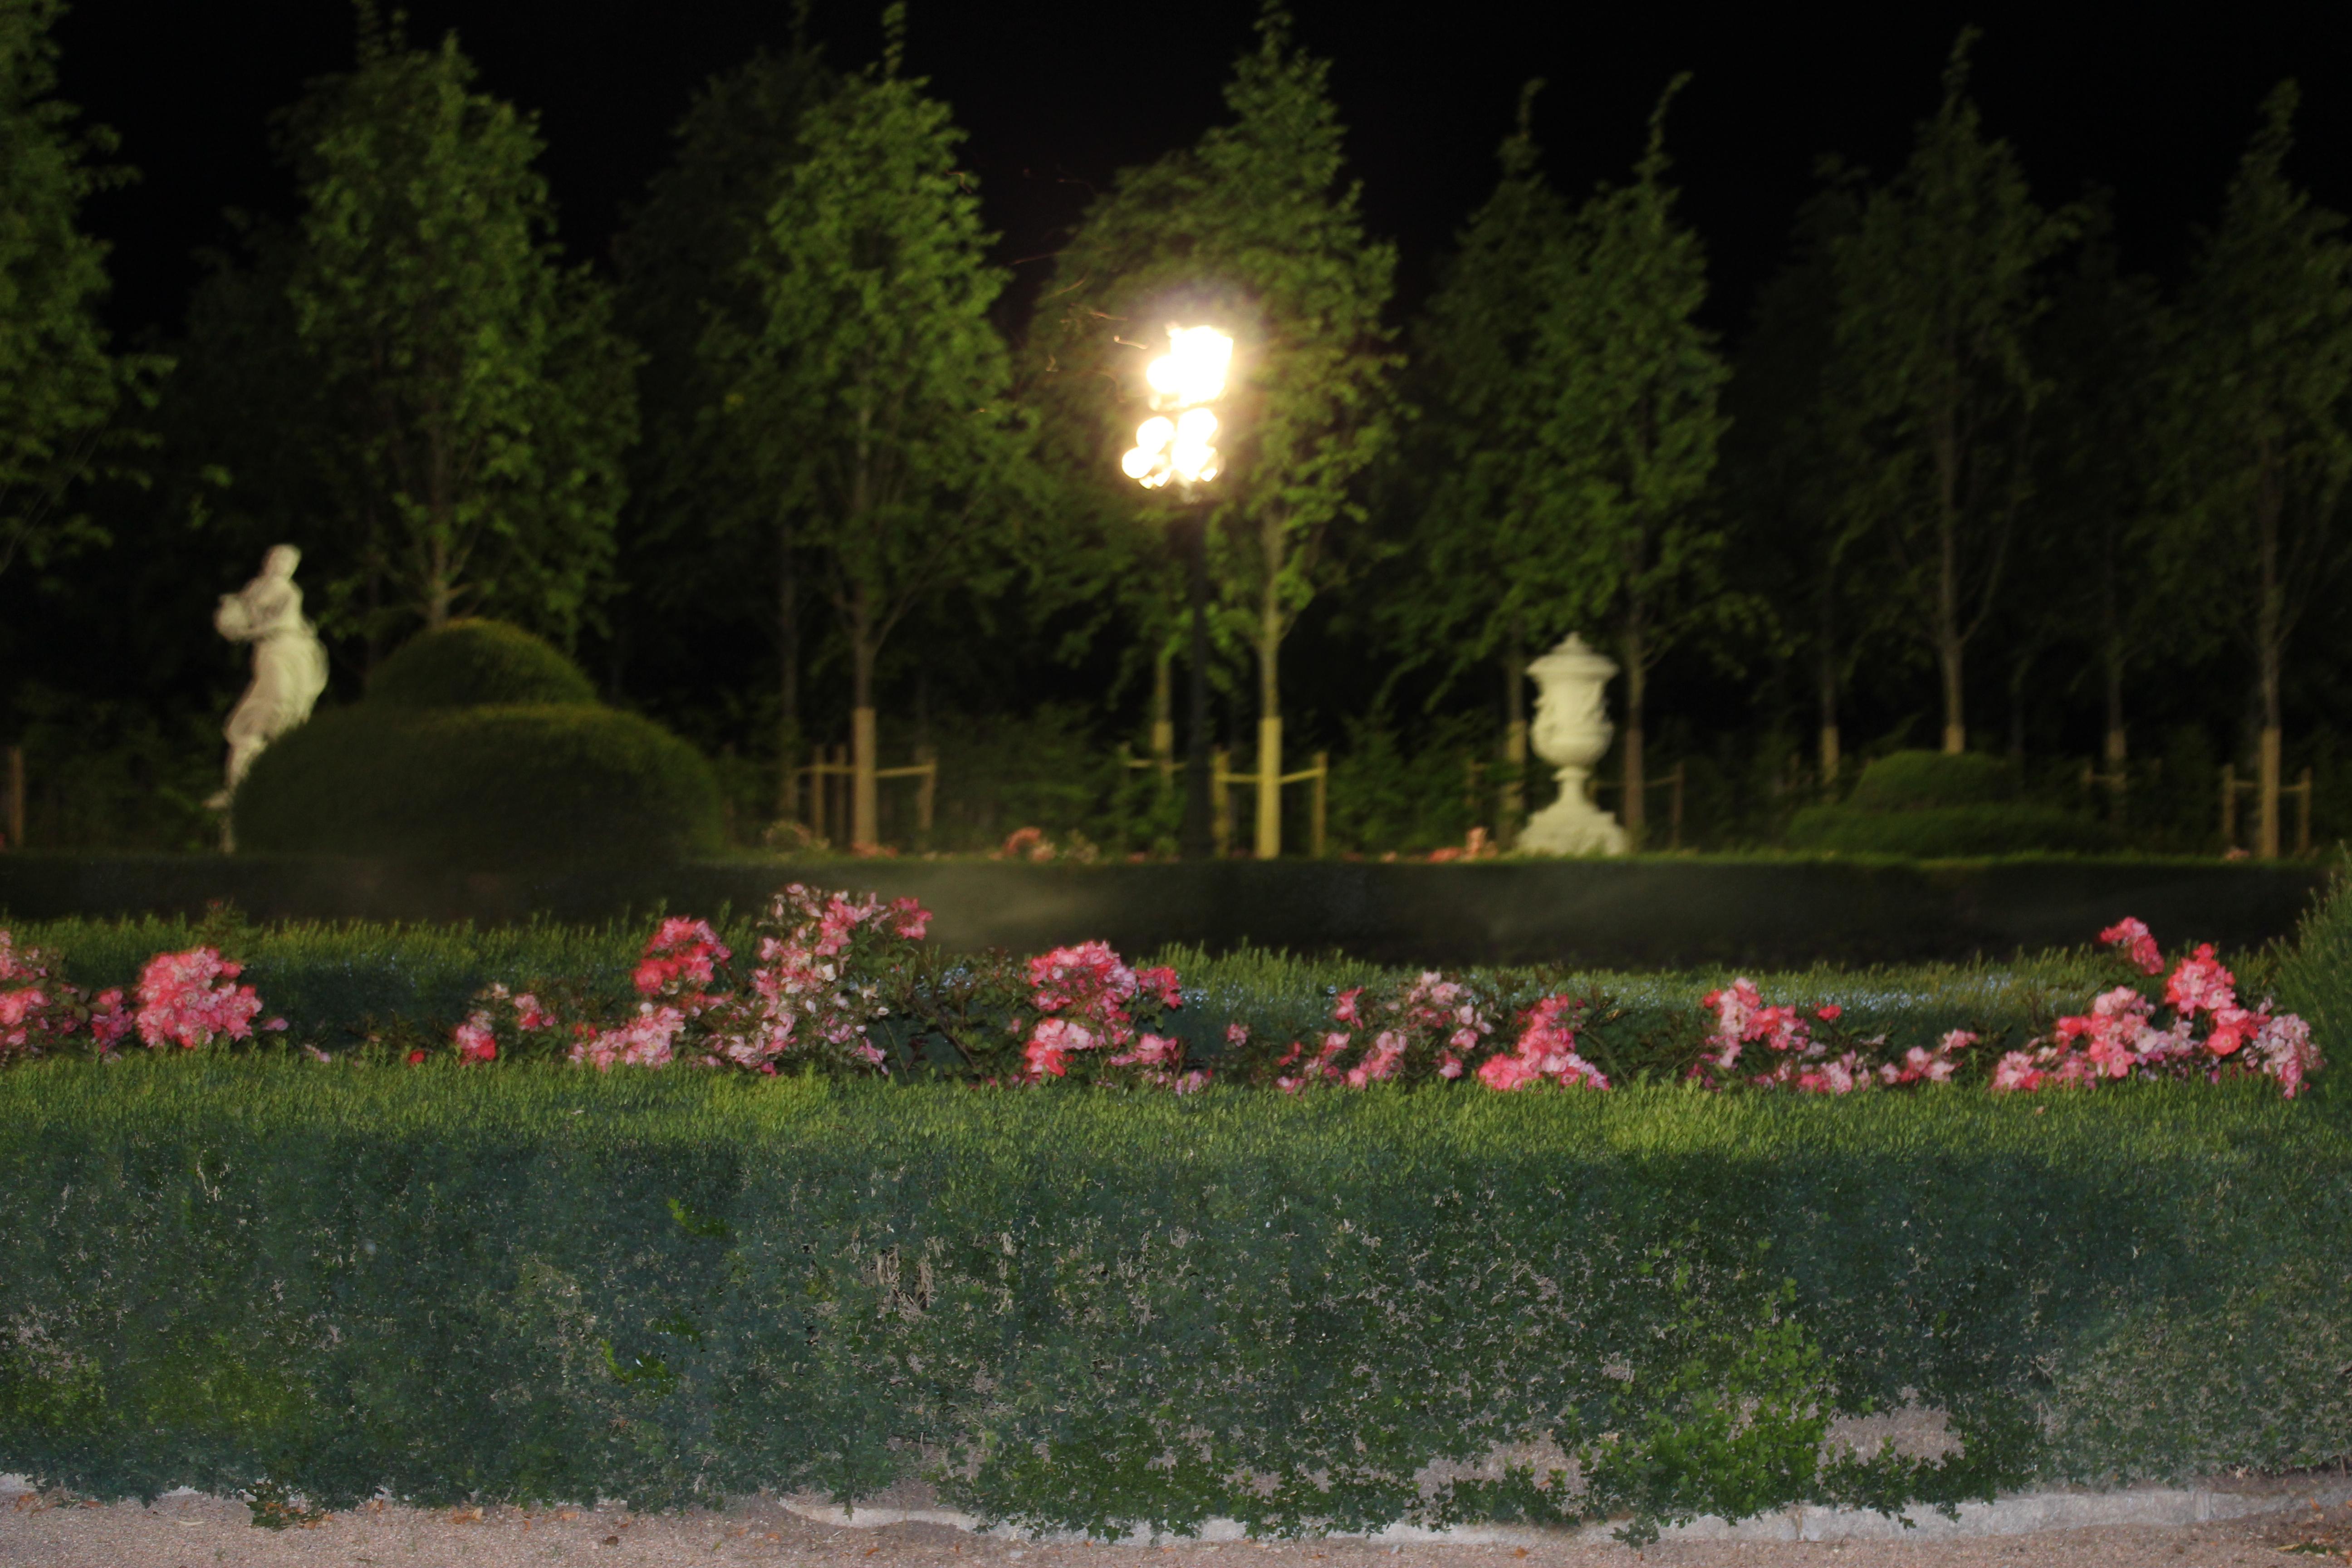 En El Jardin De La Noche Meilleures Idées Créatives Pour la Conception de la Maison